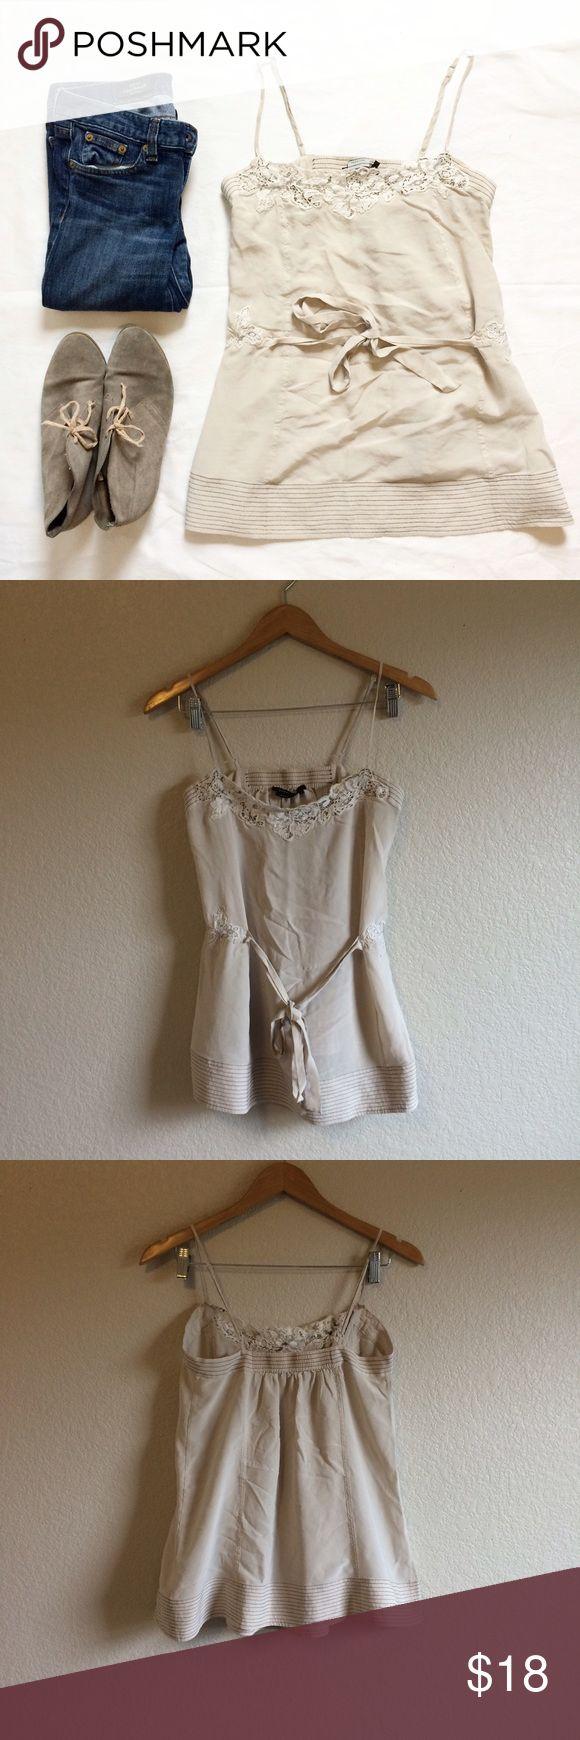 BCBGMaxAzria • Top This pretty embroidered lace top ties in the front. BCBGMaxAzria Tops Tank Tops